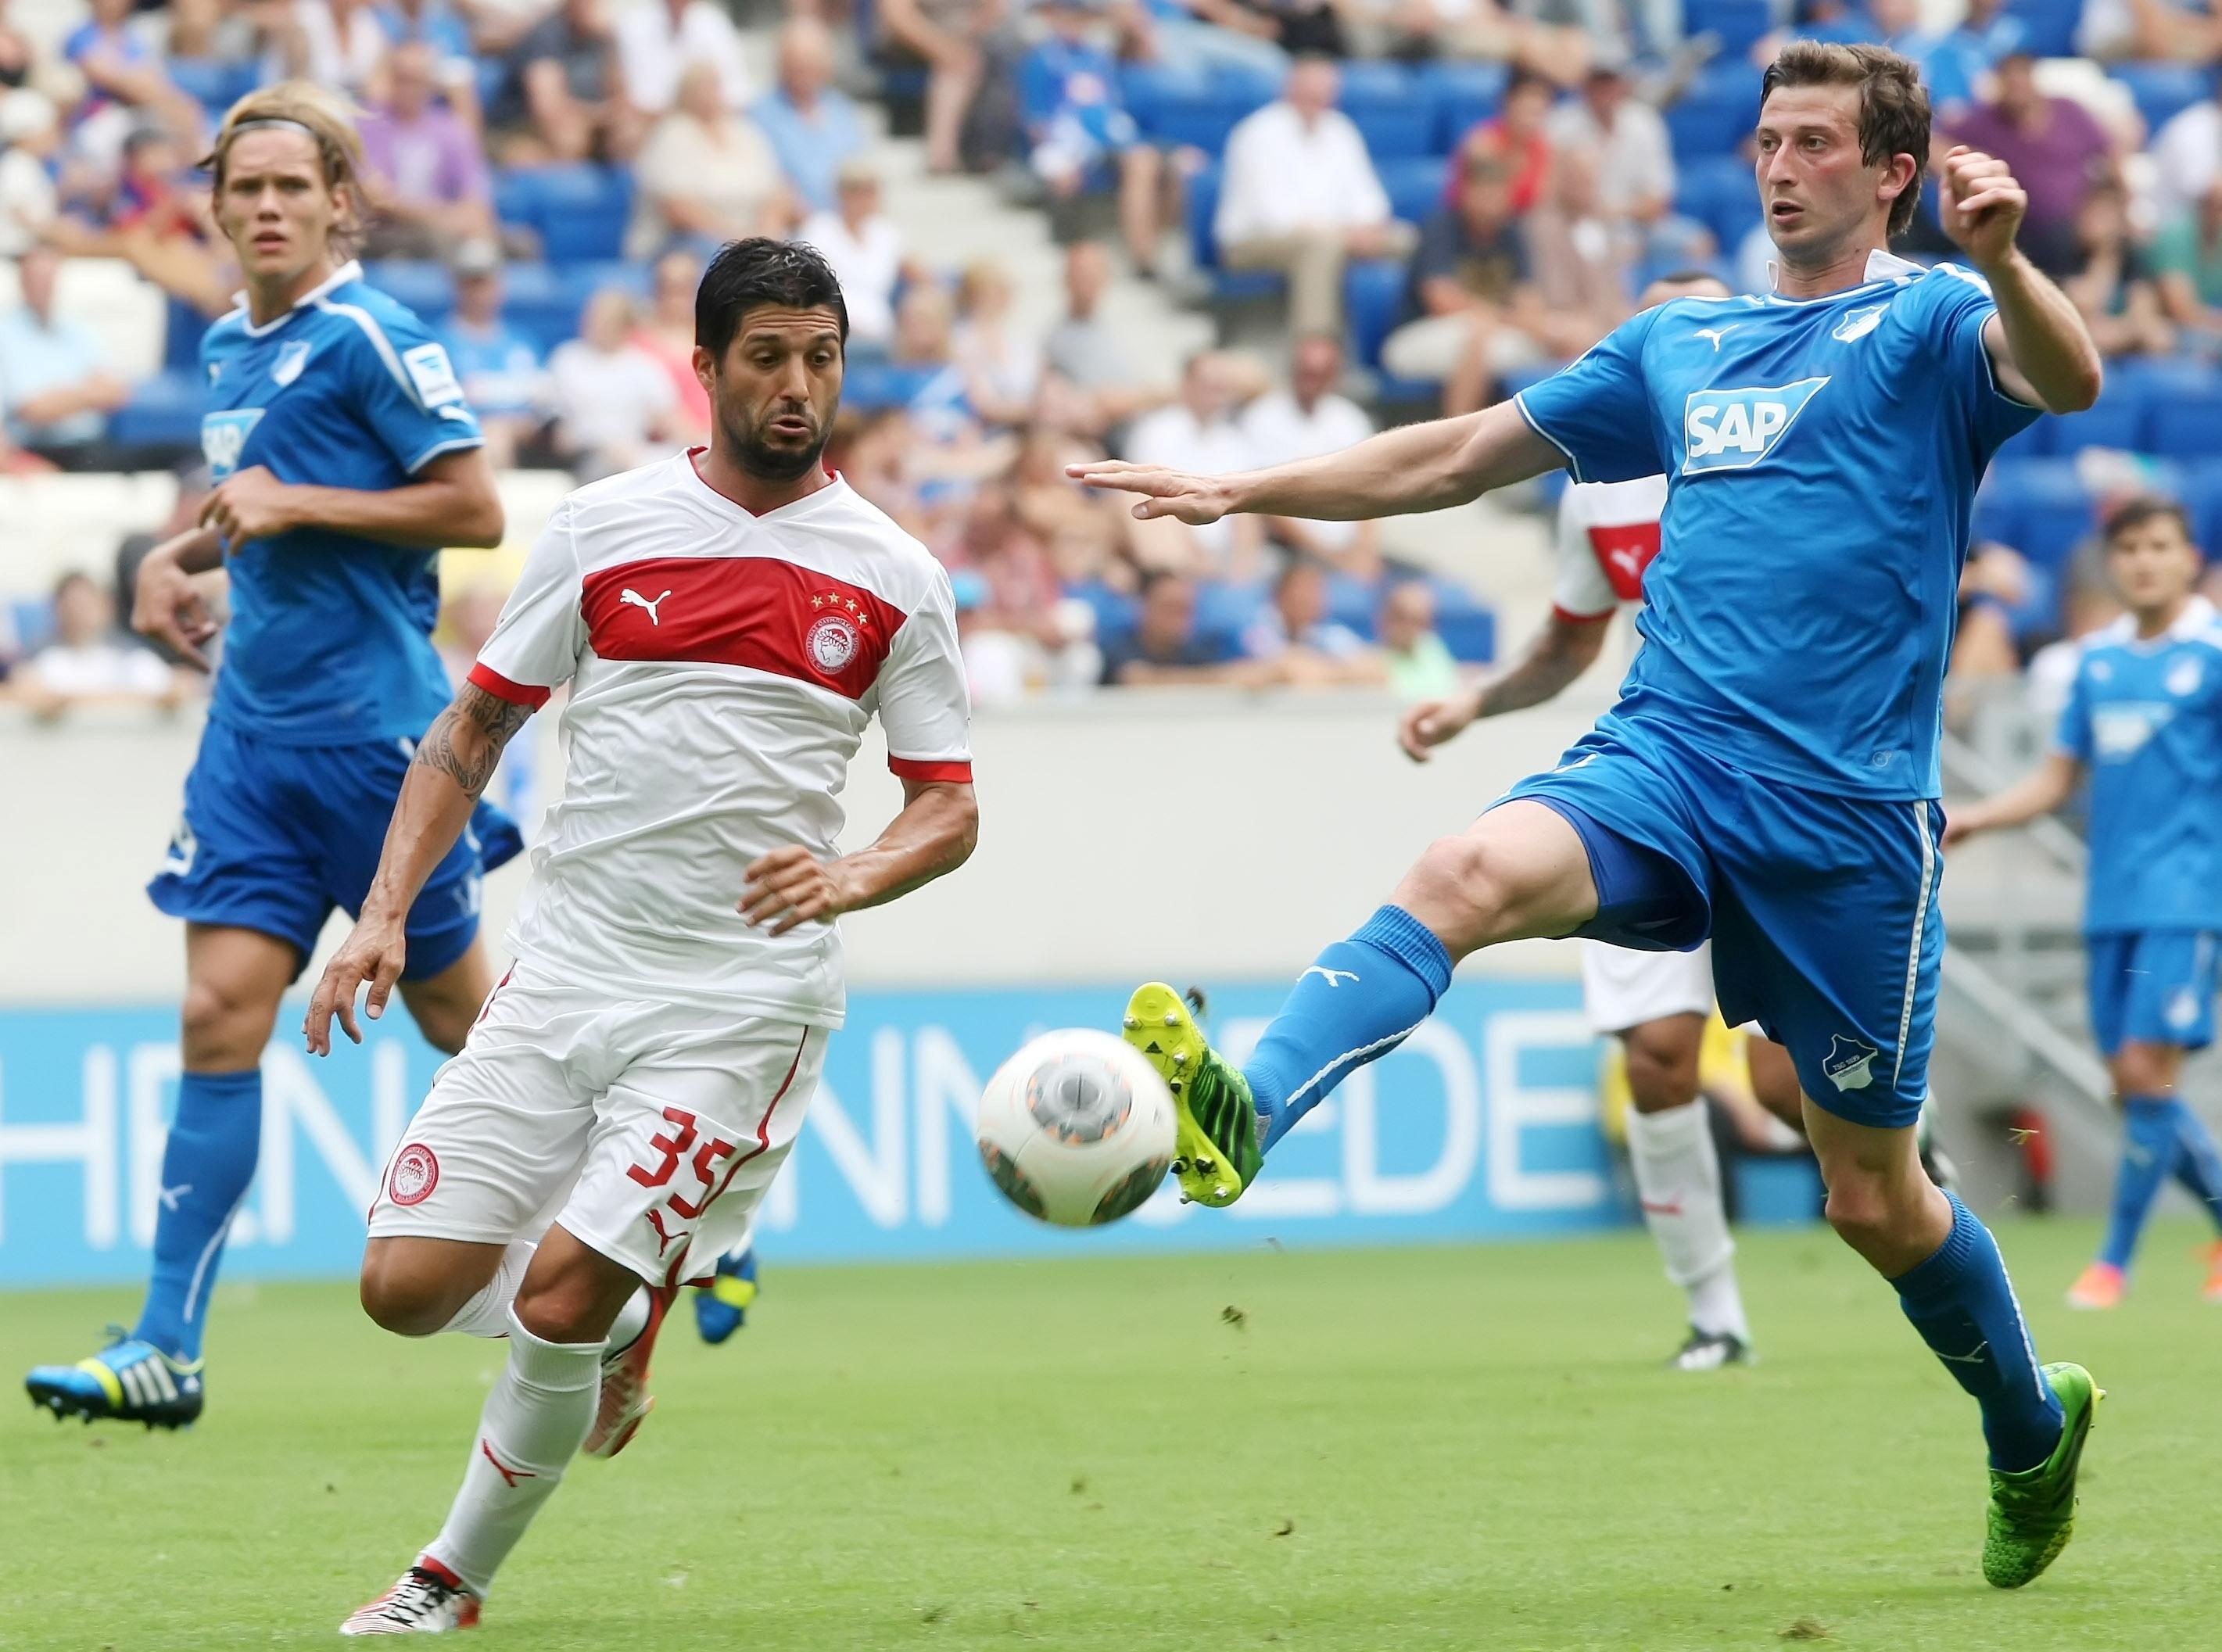 Hoffenheim – Olympiacos 4-1